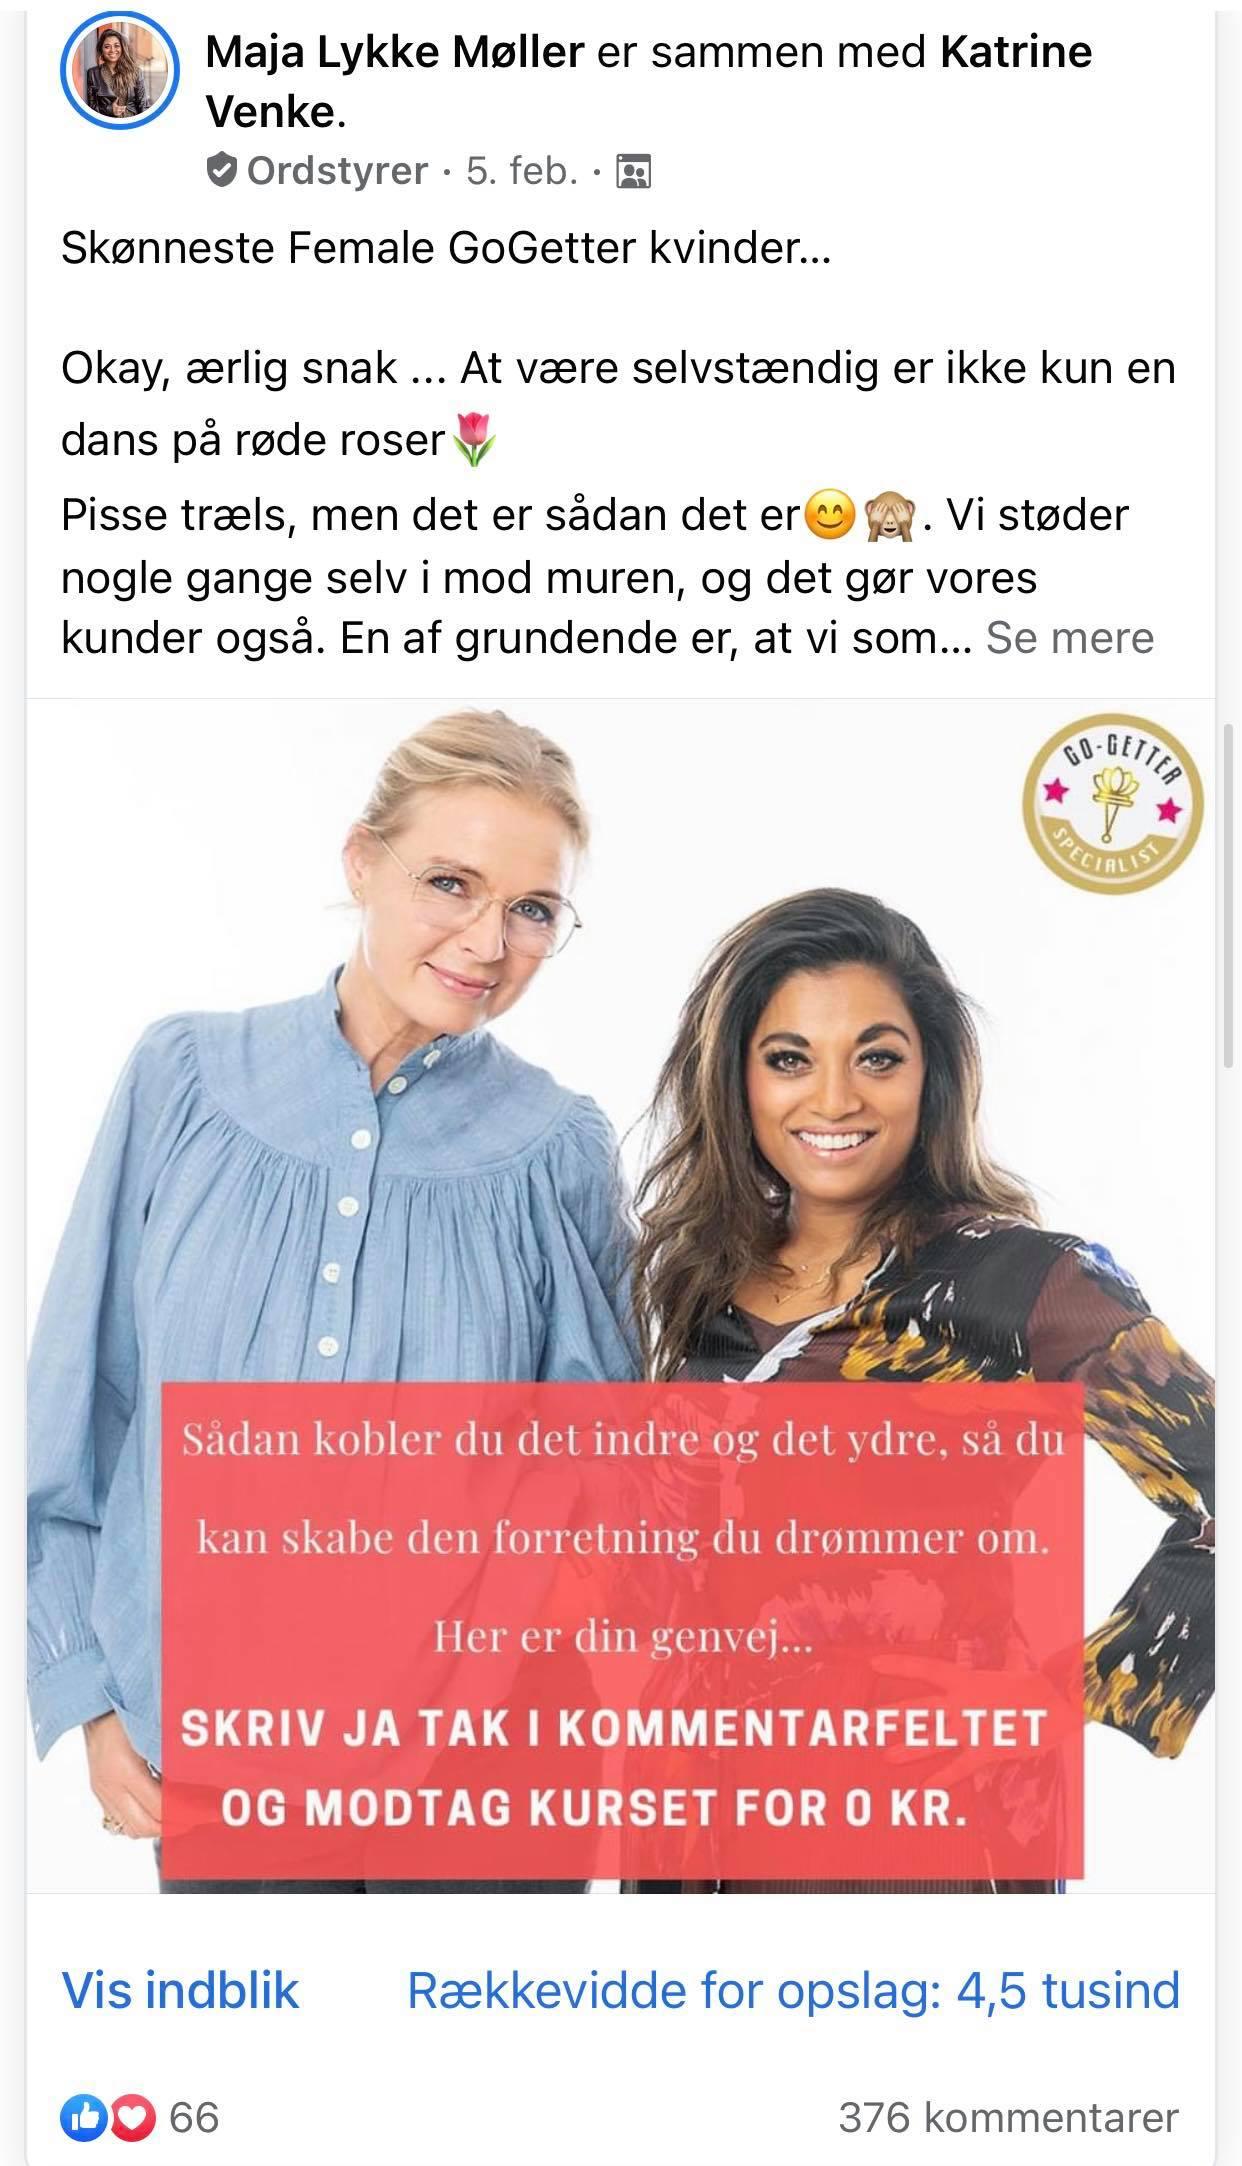 Maja Lykke Møller og Katrine Venke